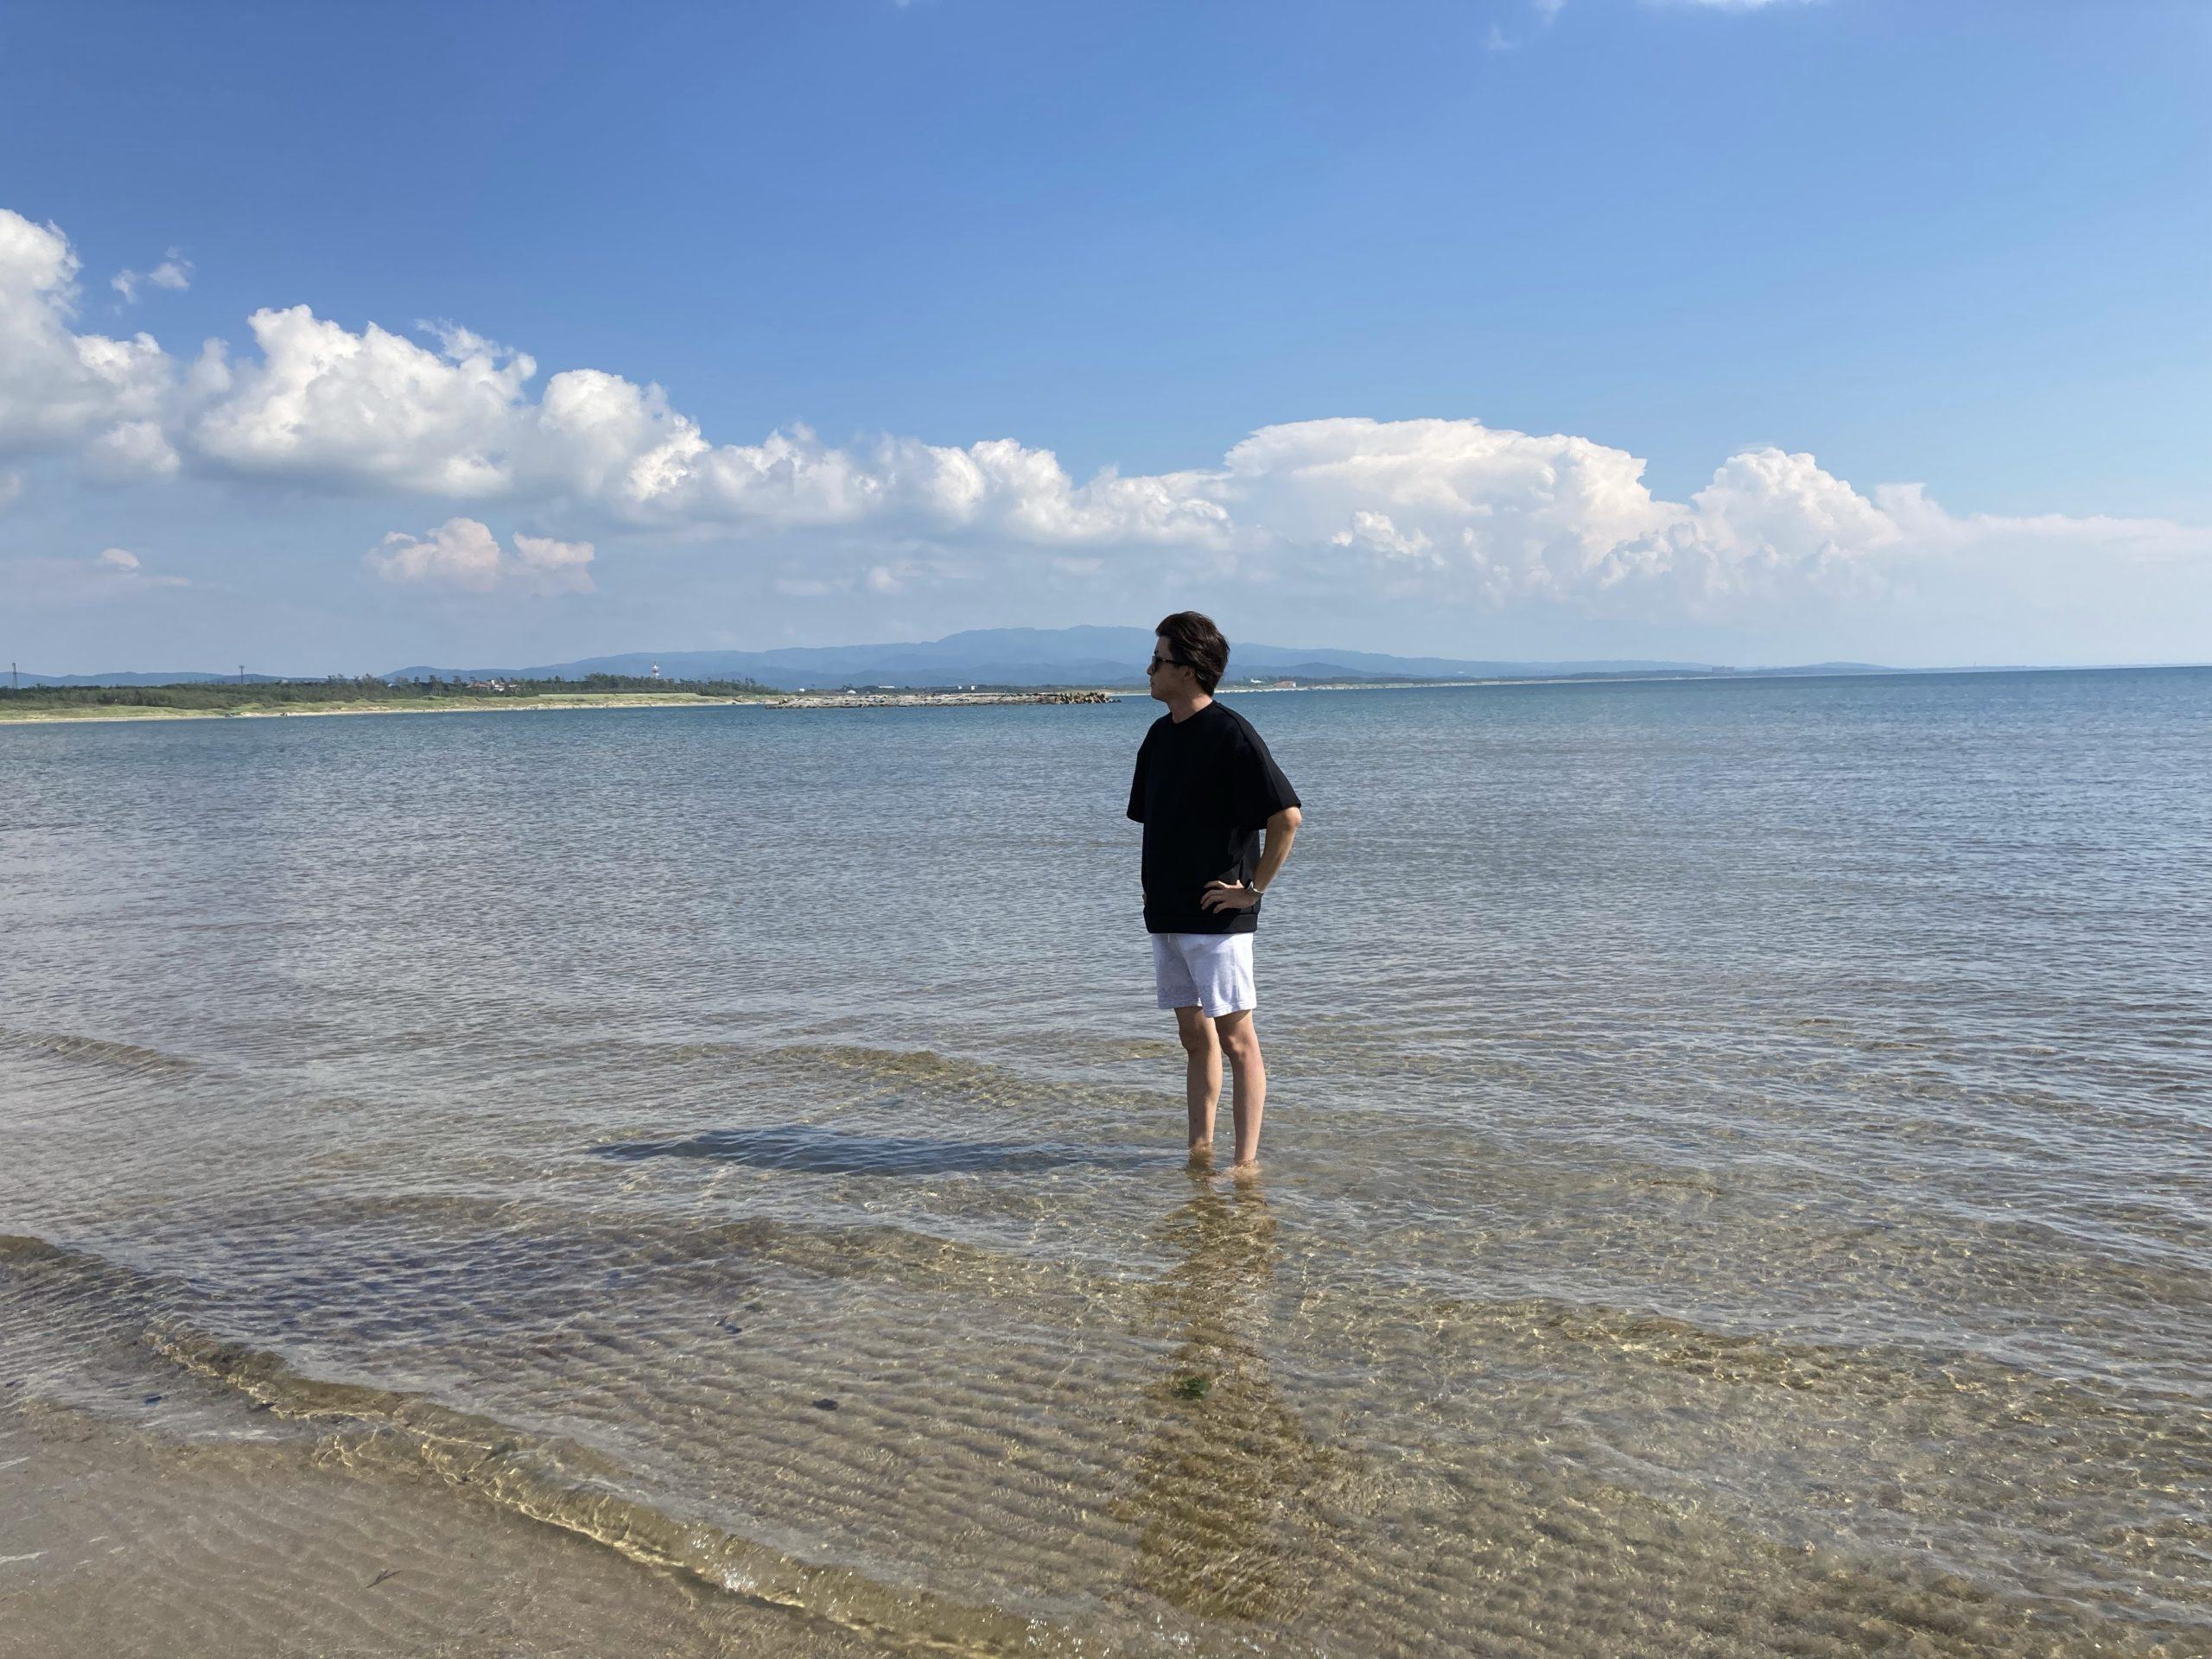 穴場で海遊び!子ども連れで楽しめる遠浅の砂浜「滝港海岸広場」【羽咋市】